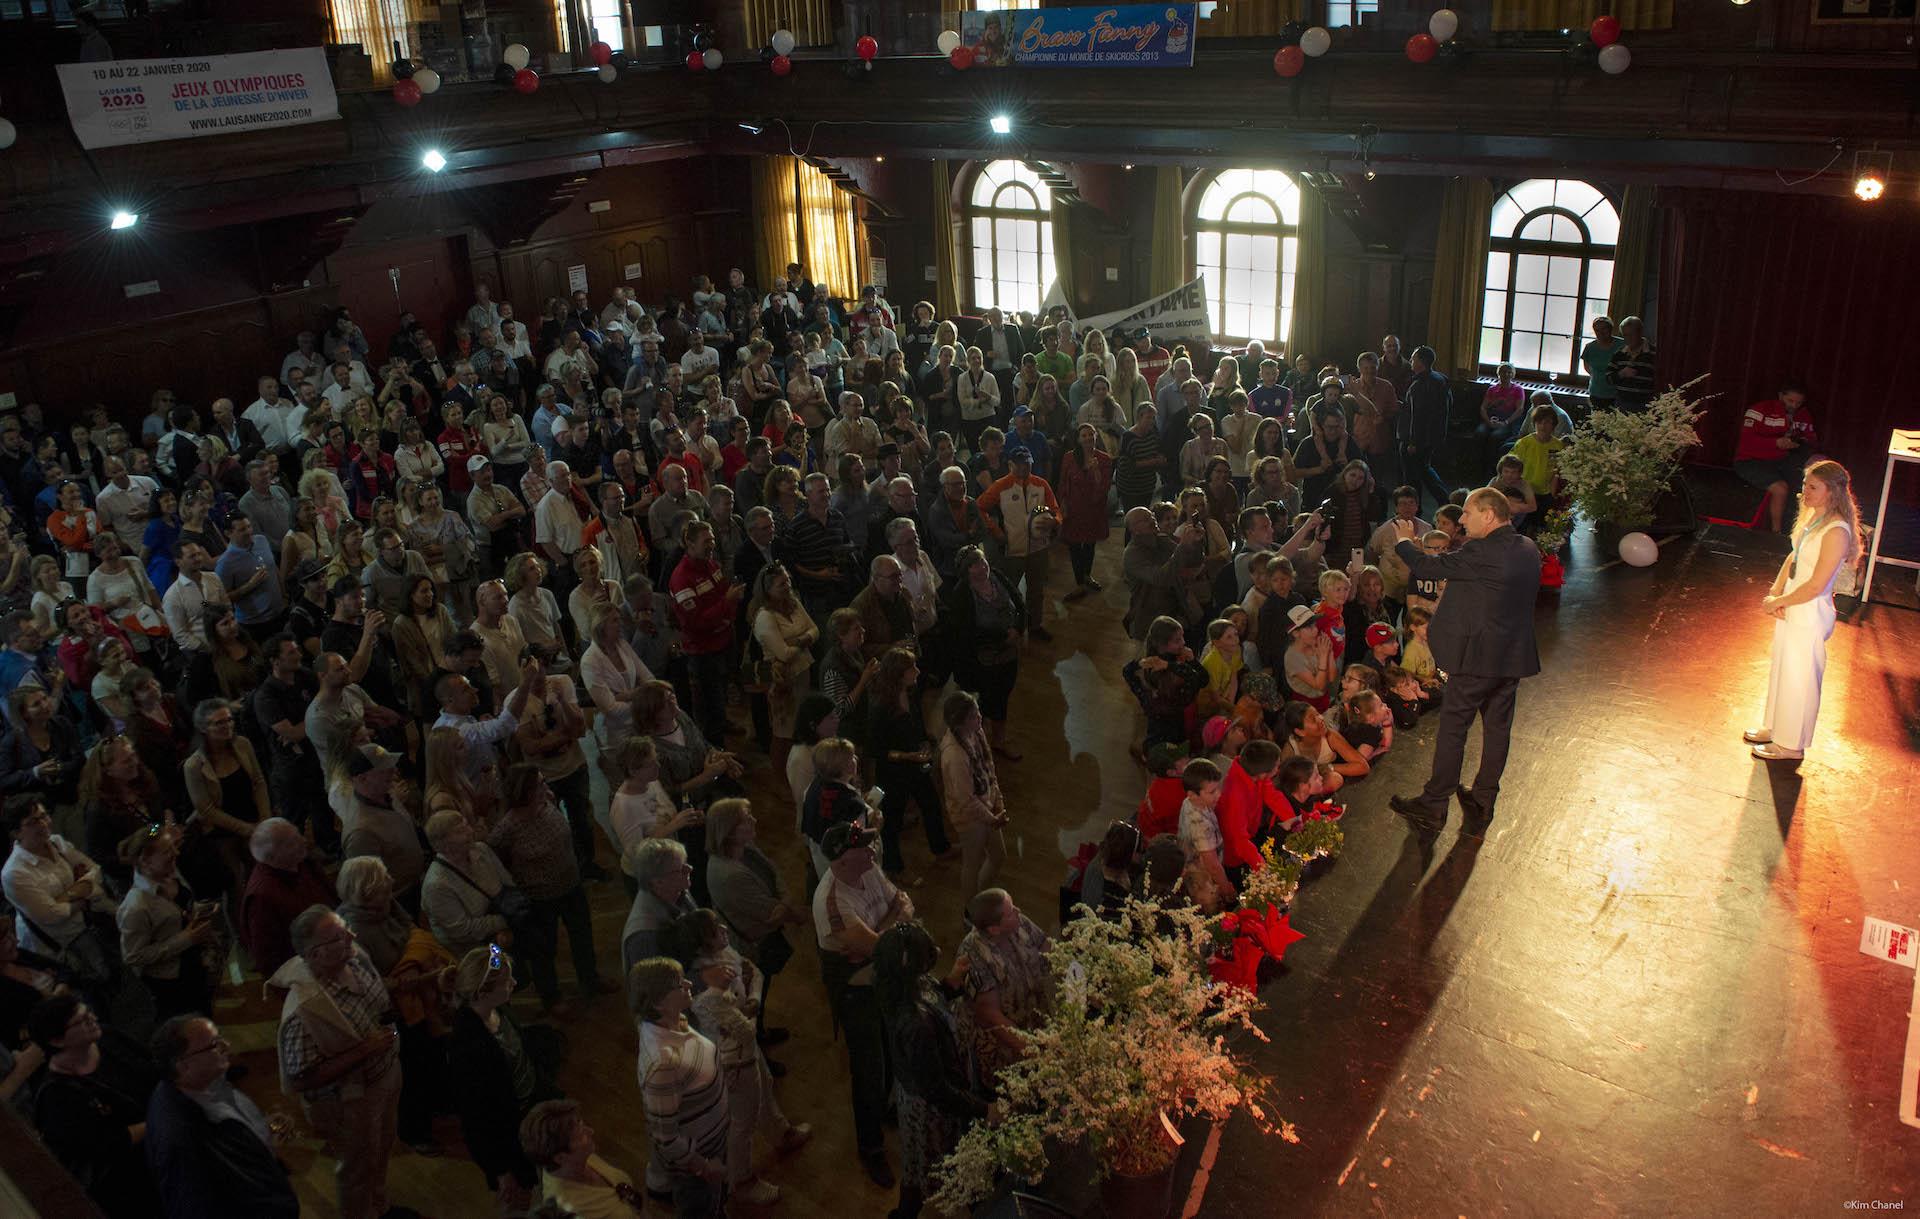 MICE Events & Seminary